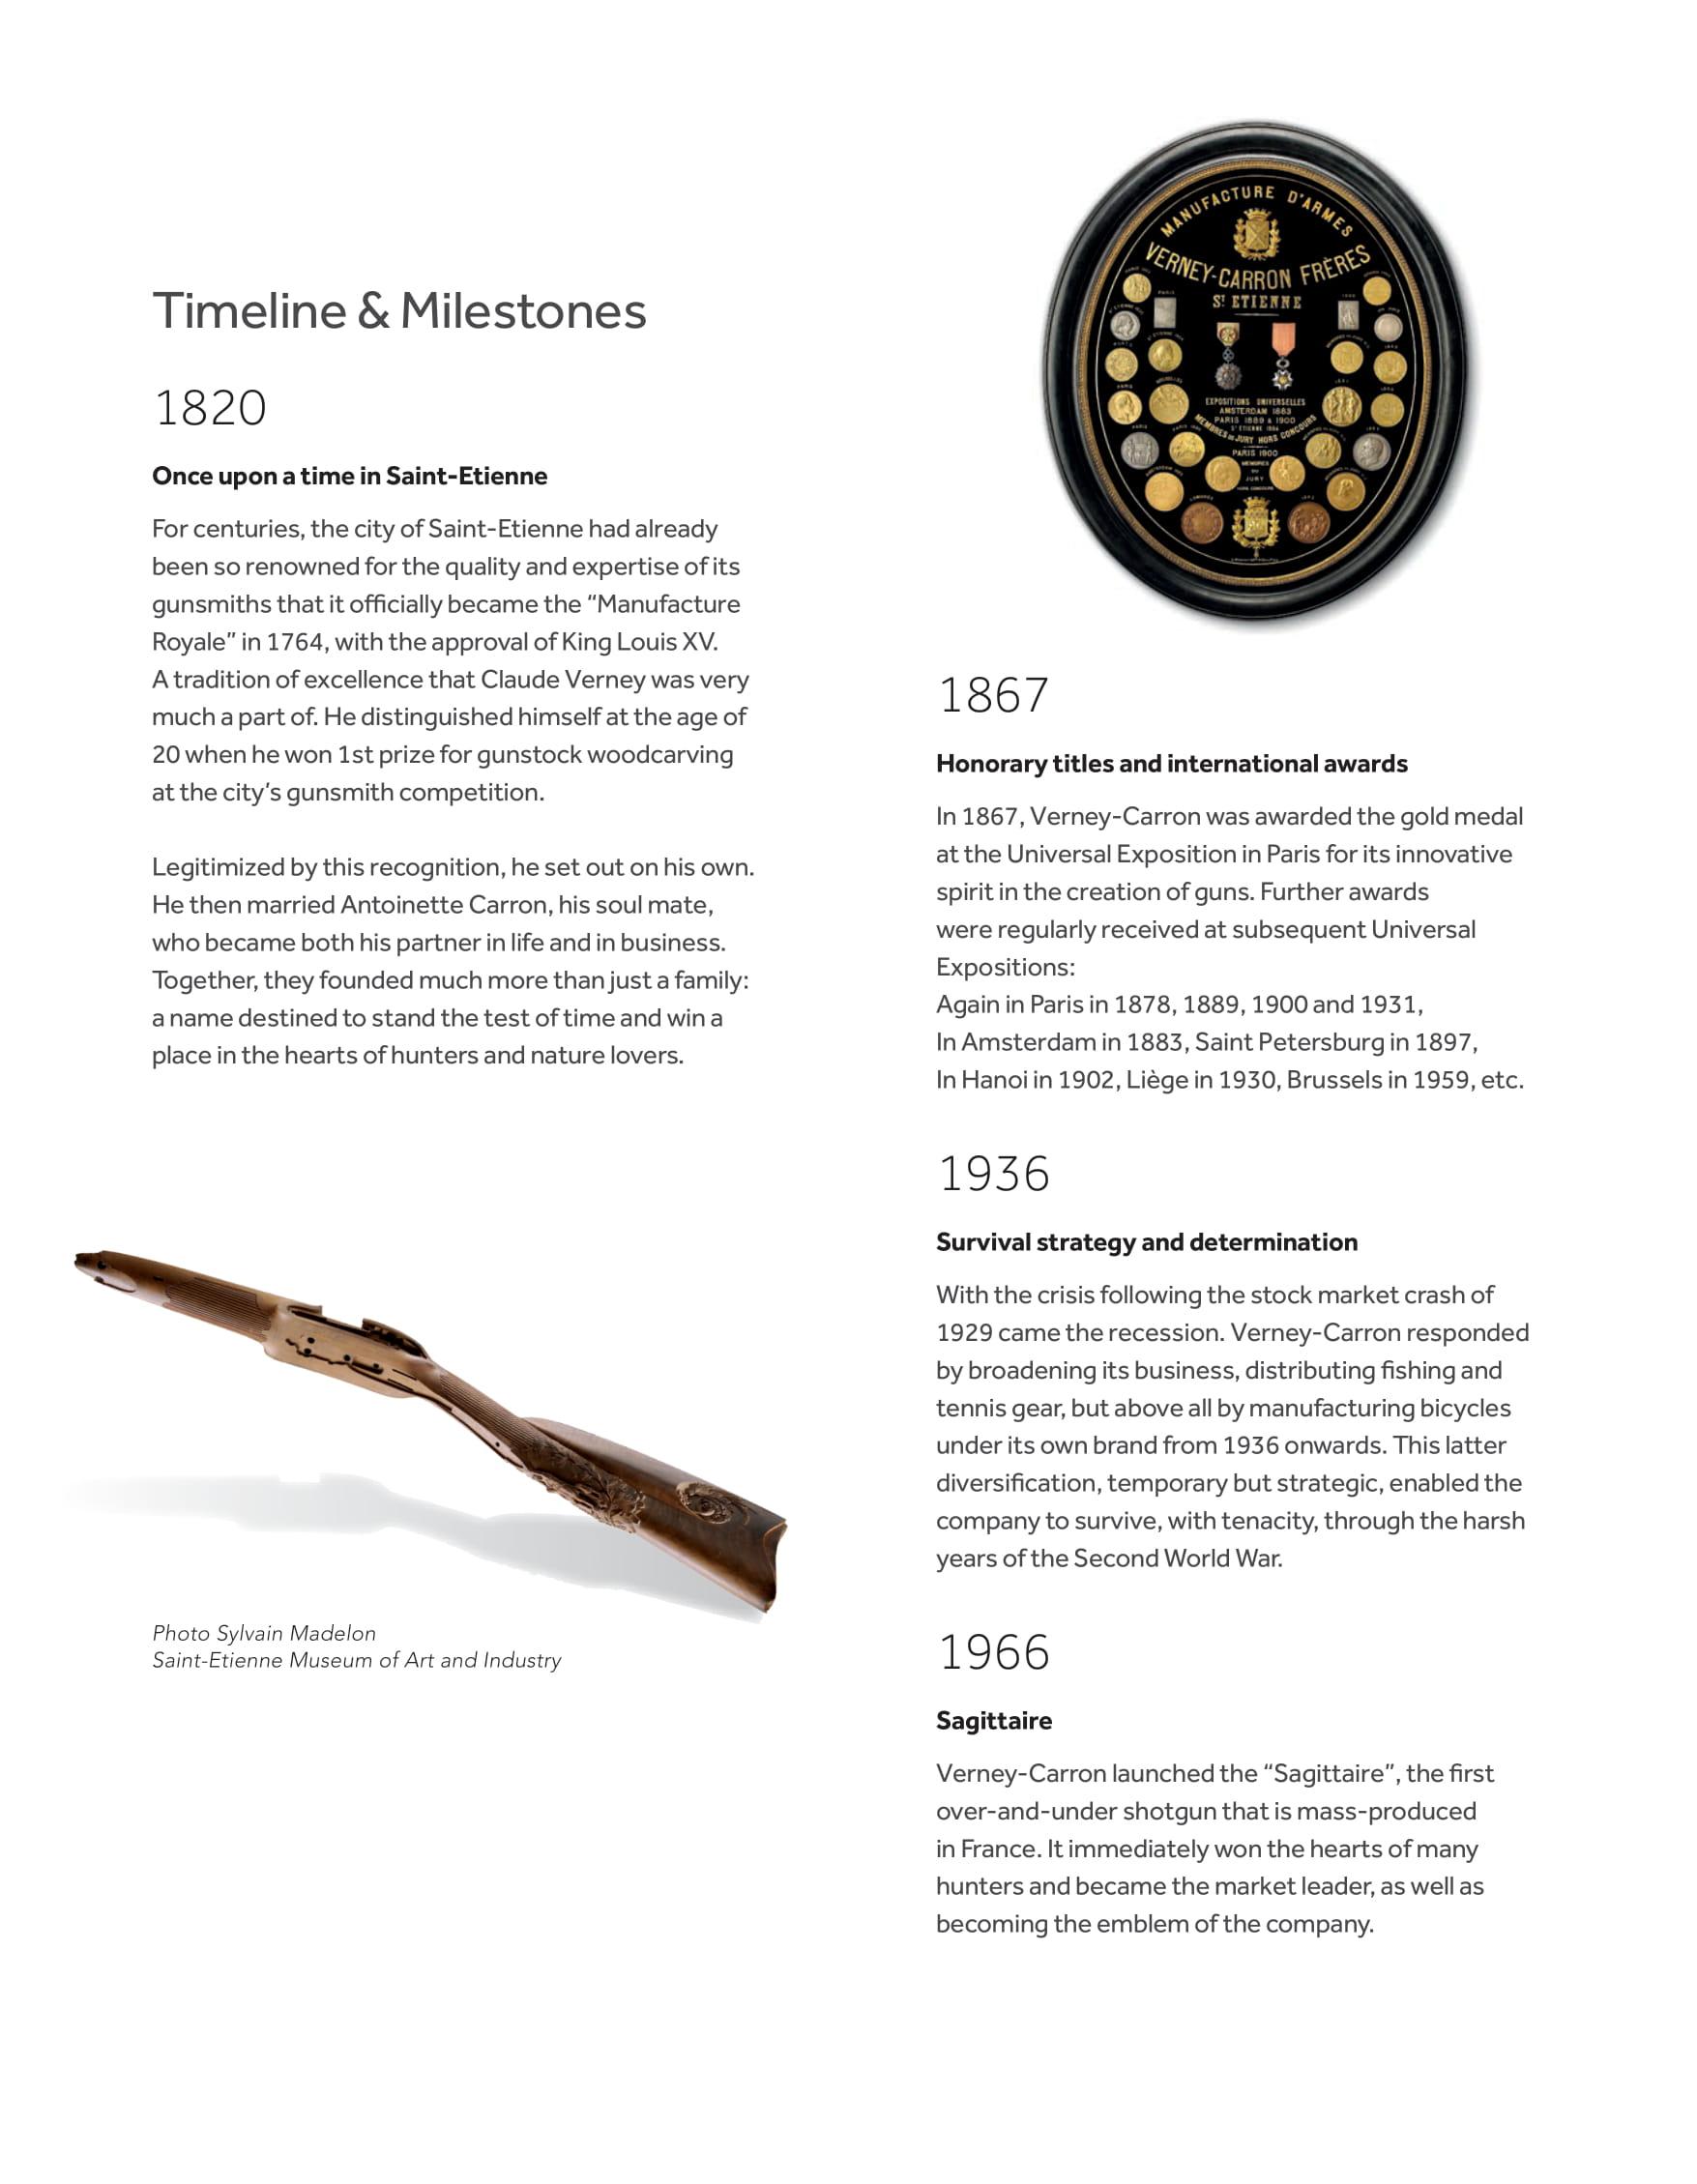 catalogue-2020-verney-carron-04.jpg